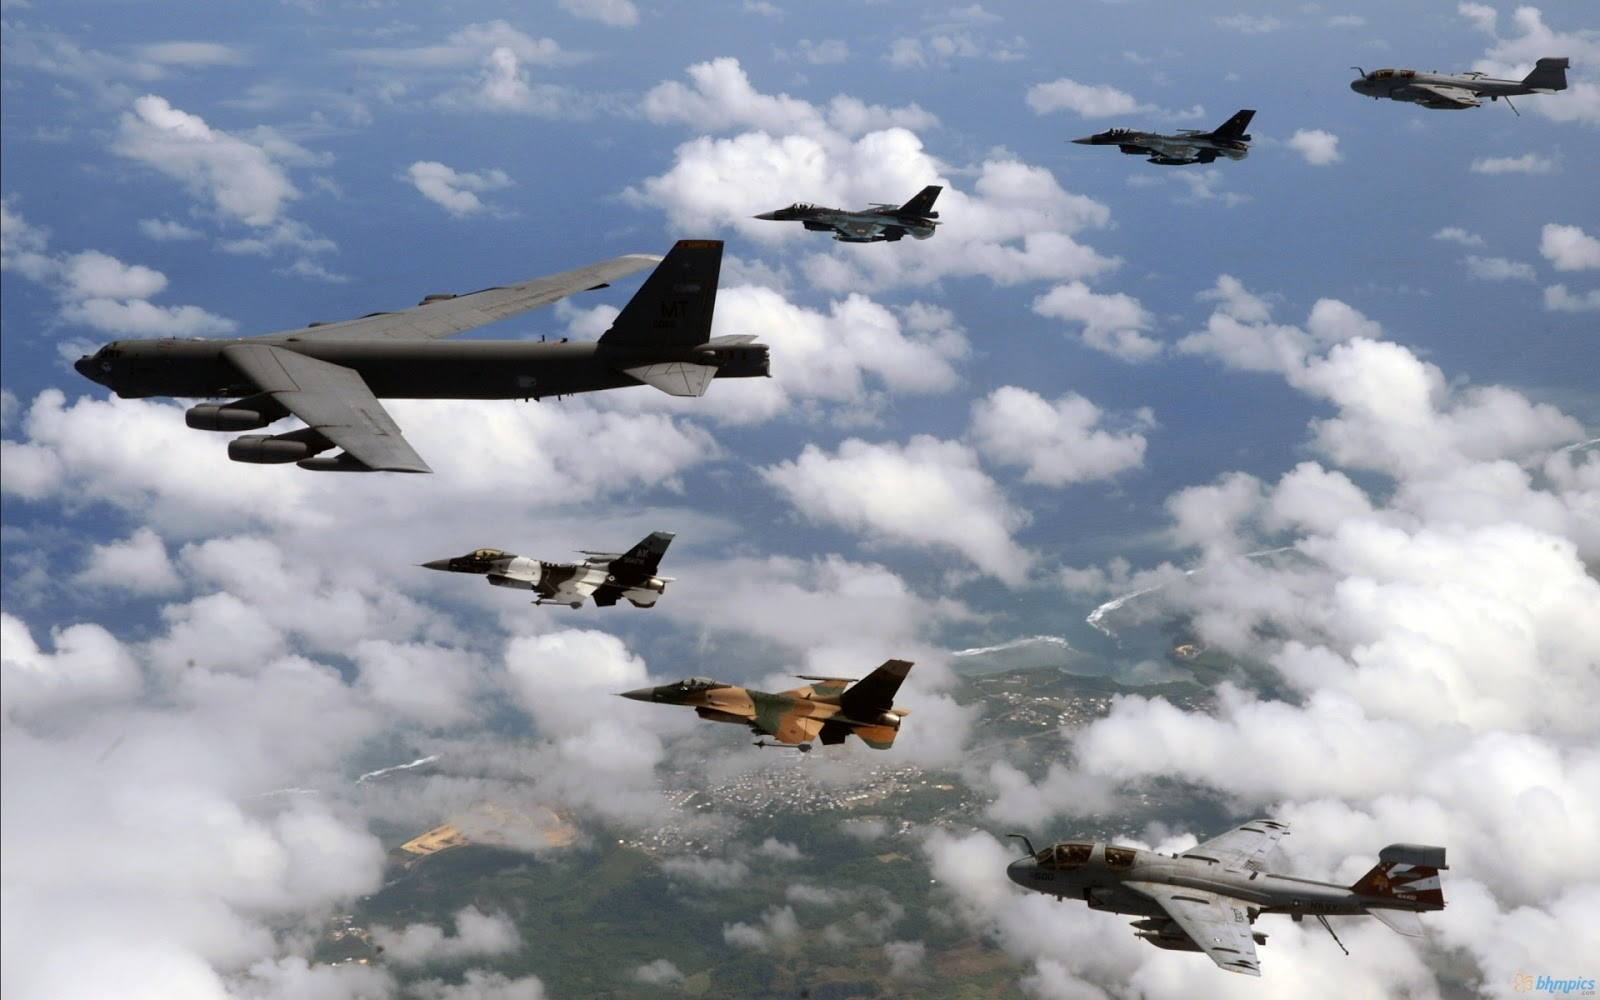 http://2.bp.blogspot.com/-YeIxoXMyU5o/UJegpwBa9MI/AAAAAAAAHFU/jC_O2dNpN44/s1600/36th_wing_air_force-1920x1200.jpg